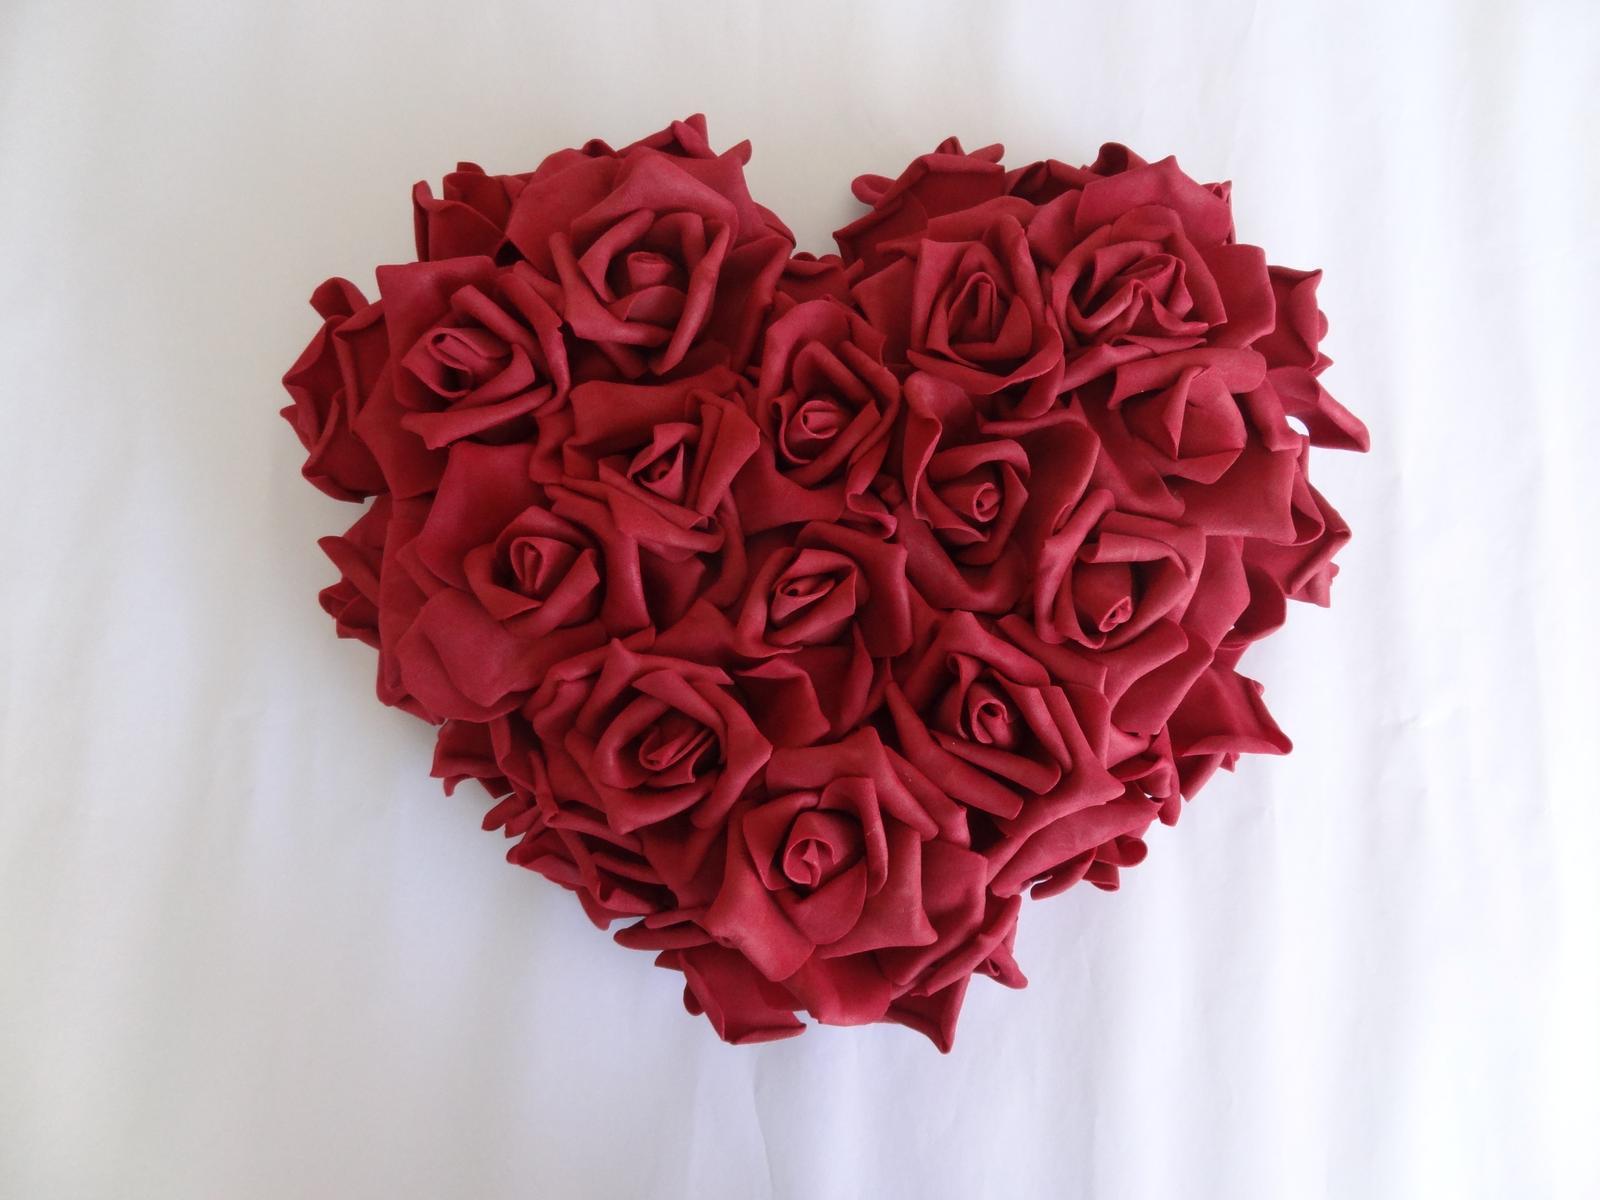 Srdce z pěnových růží - Obrázek č. 1